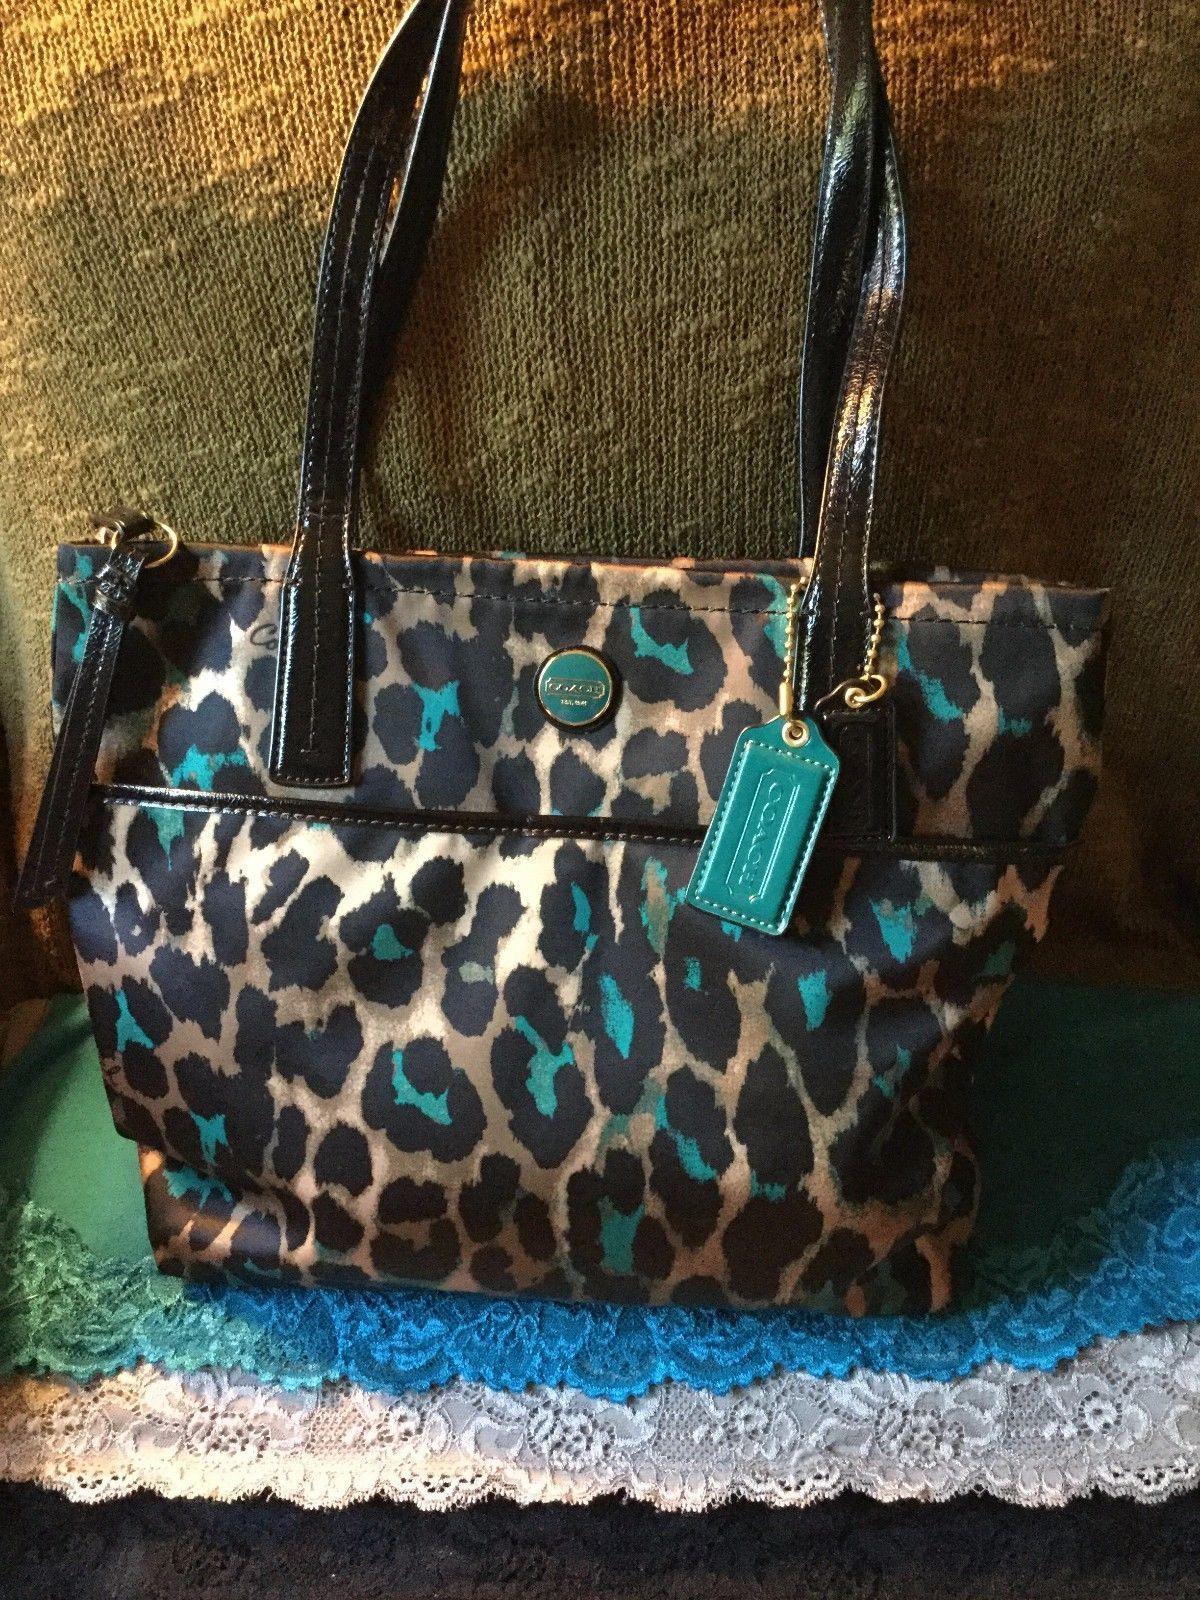 Coach Teal, Black & Brown Multi Leopard Print Cloth Zip Tote & Shopper